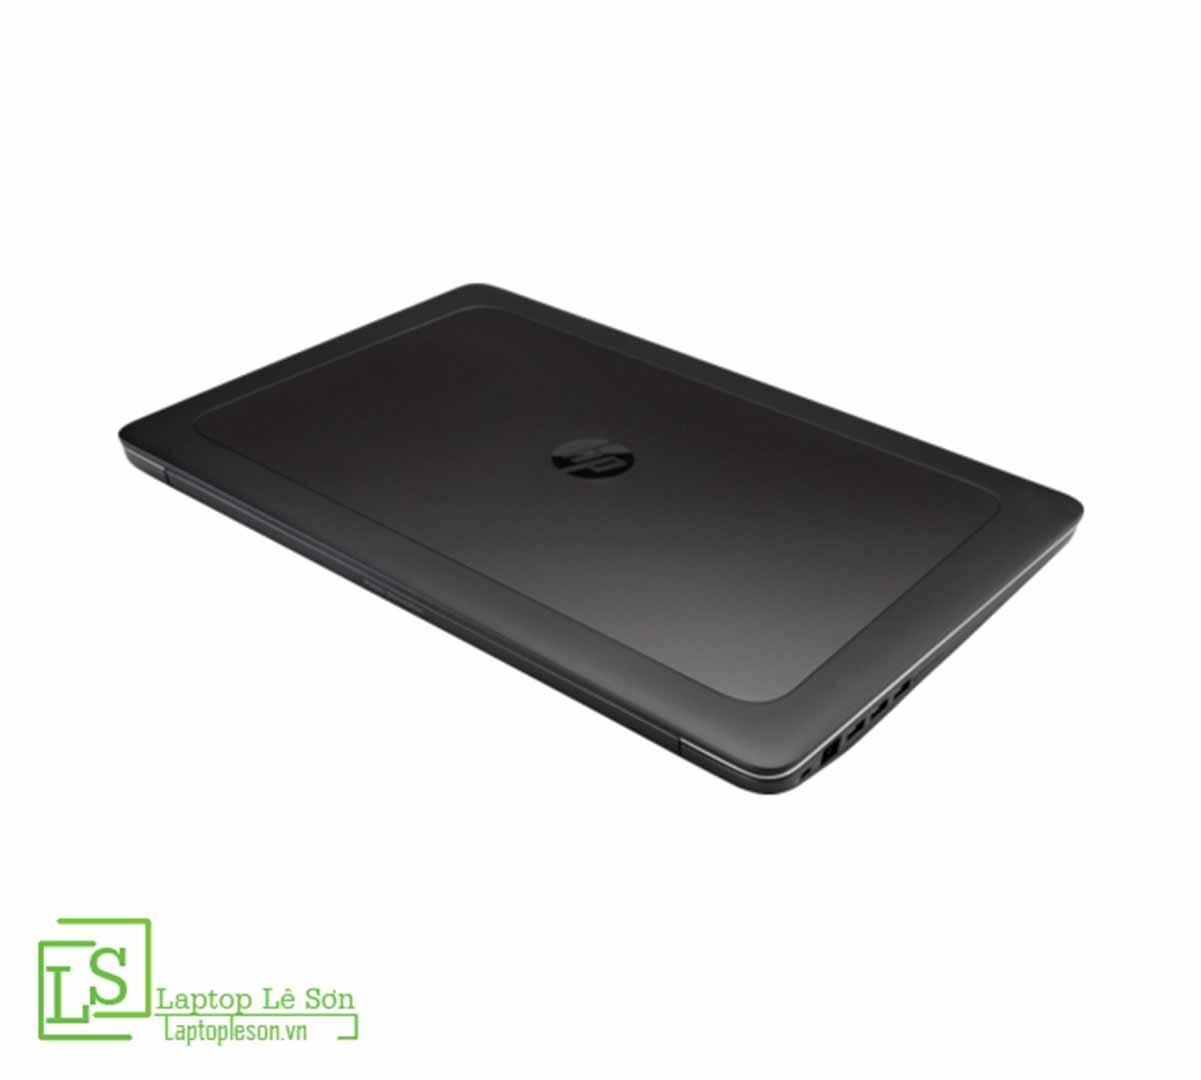 HP Zbook 17 G4 Laptop Lê Sơn 05HP Zbook 17 G4 Laptop Lê Sơn 05